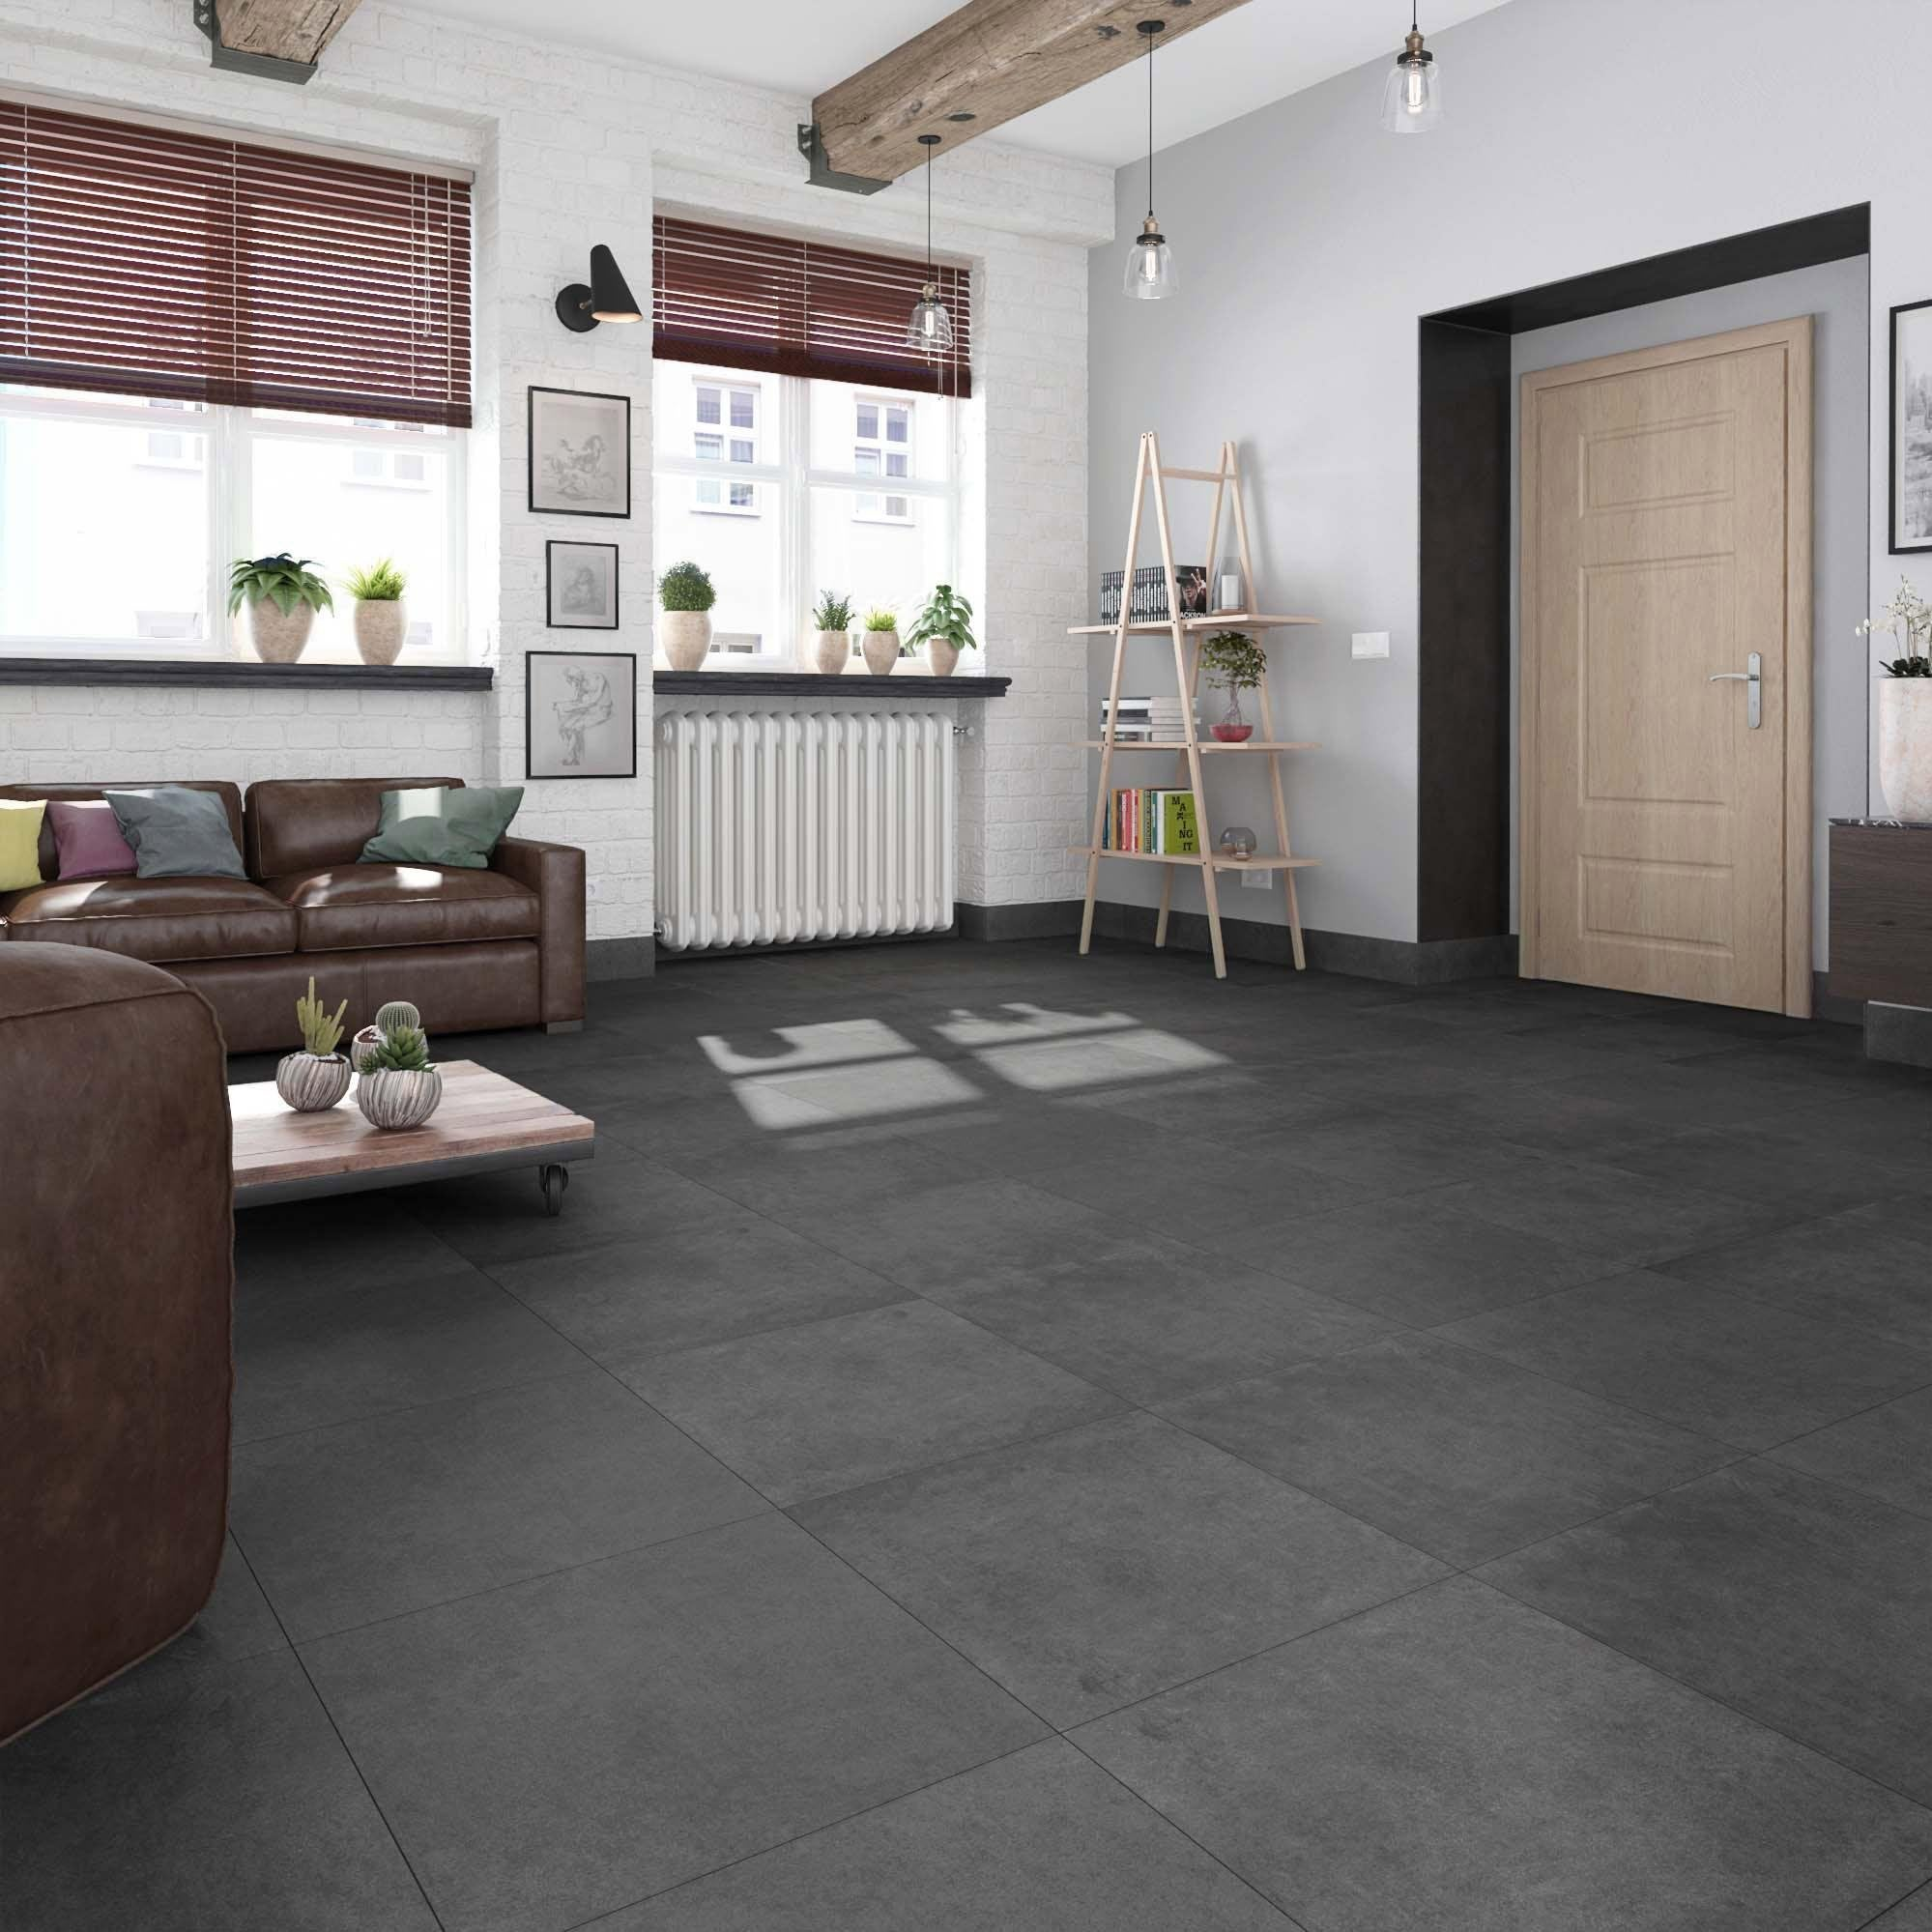 Carrelage sol noir aspect carreau de ciment l.59.7 x L.59.7 cm